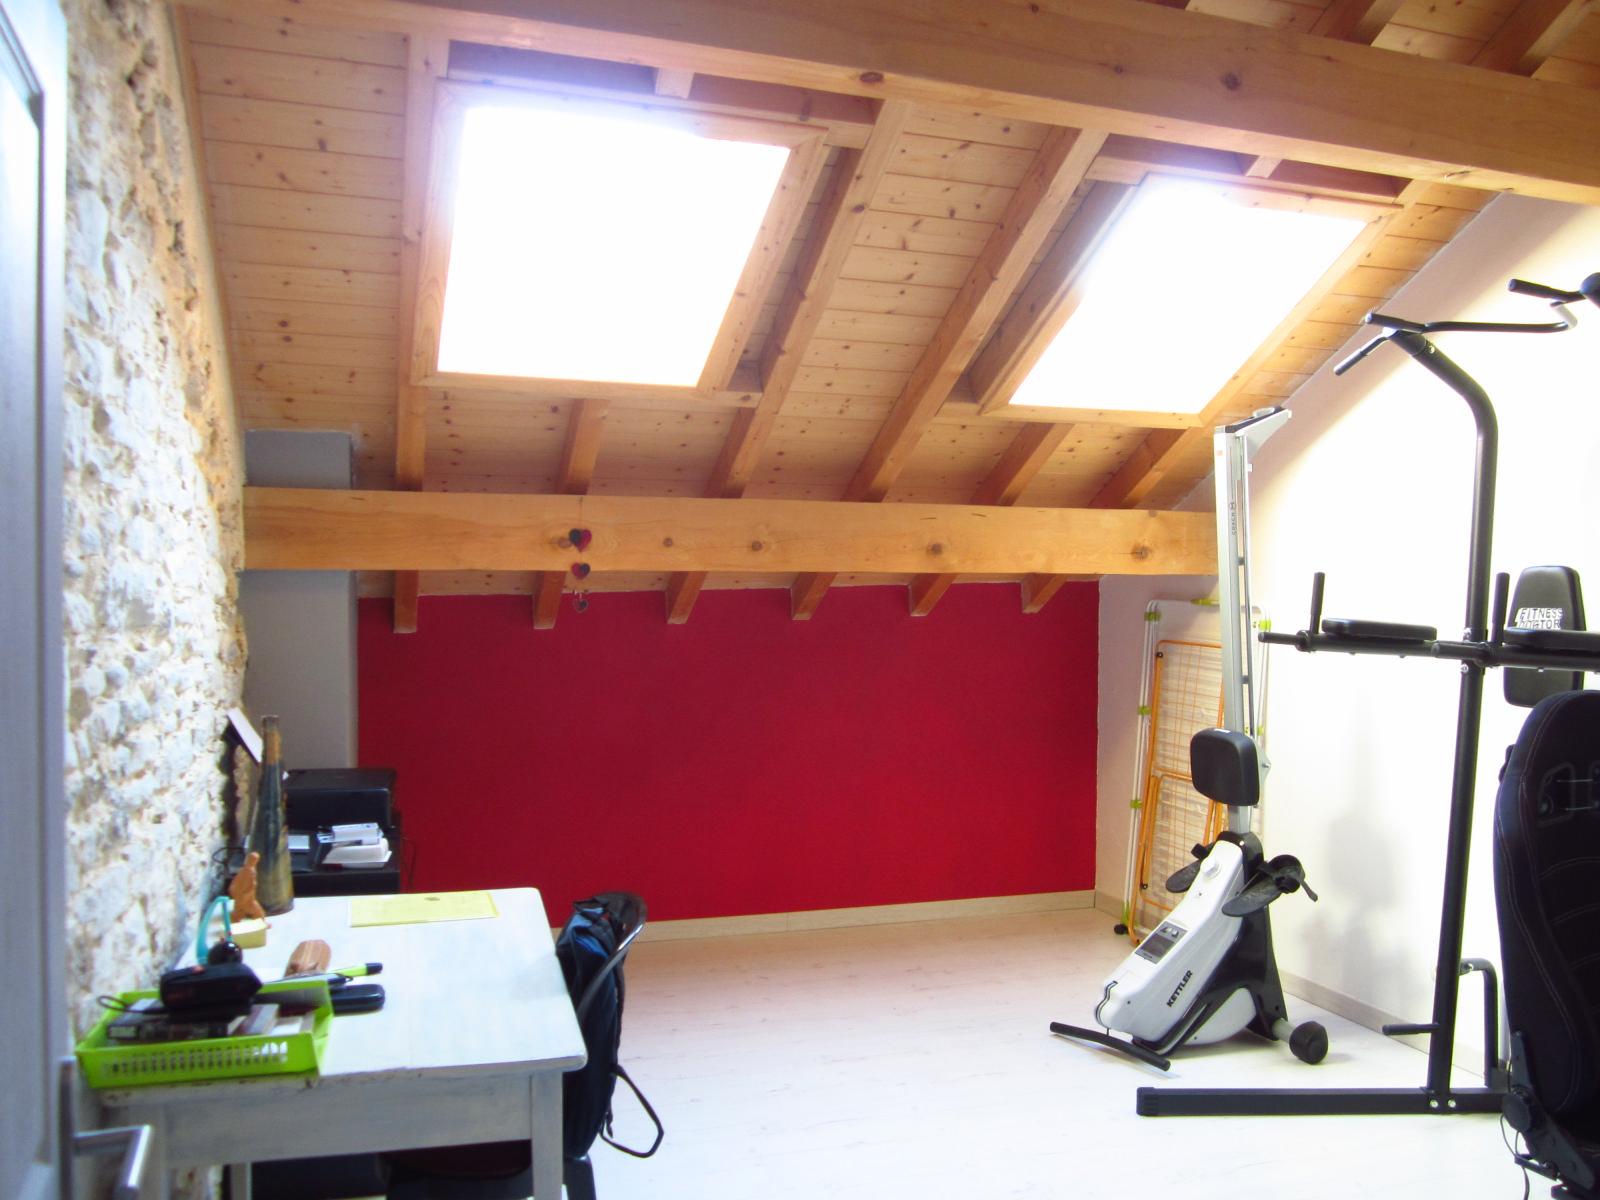 EXCLUSIVITE Viry Appartement T4 duplex de 130 m² loi Carrez + atelier de 20 m² + jardin de 337 m²